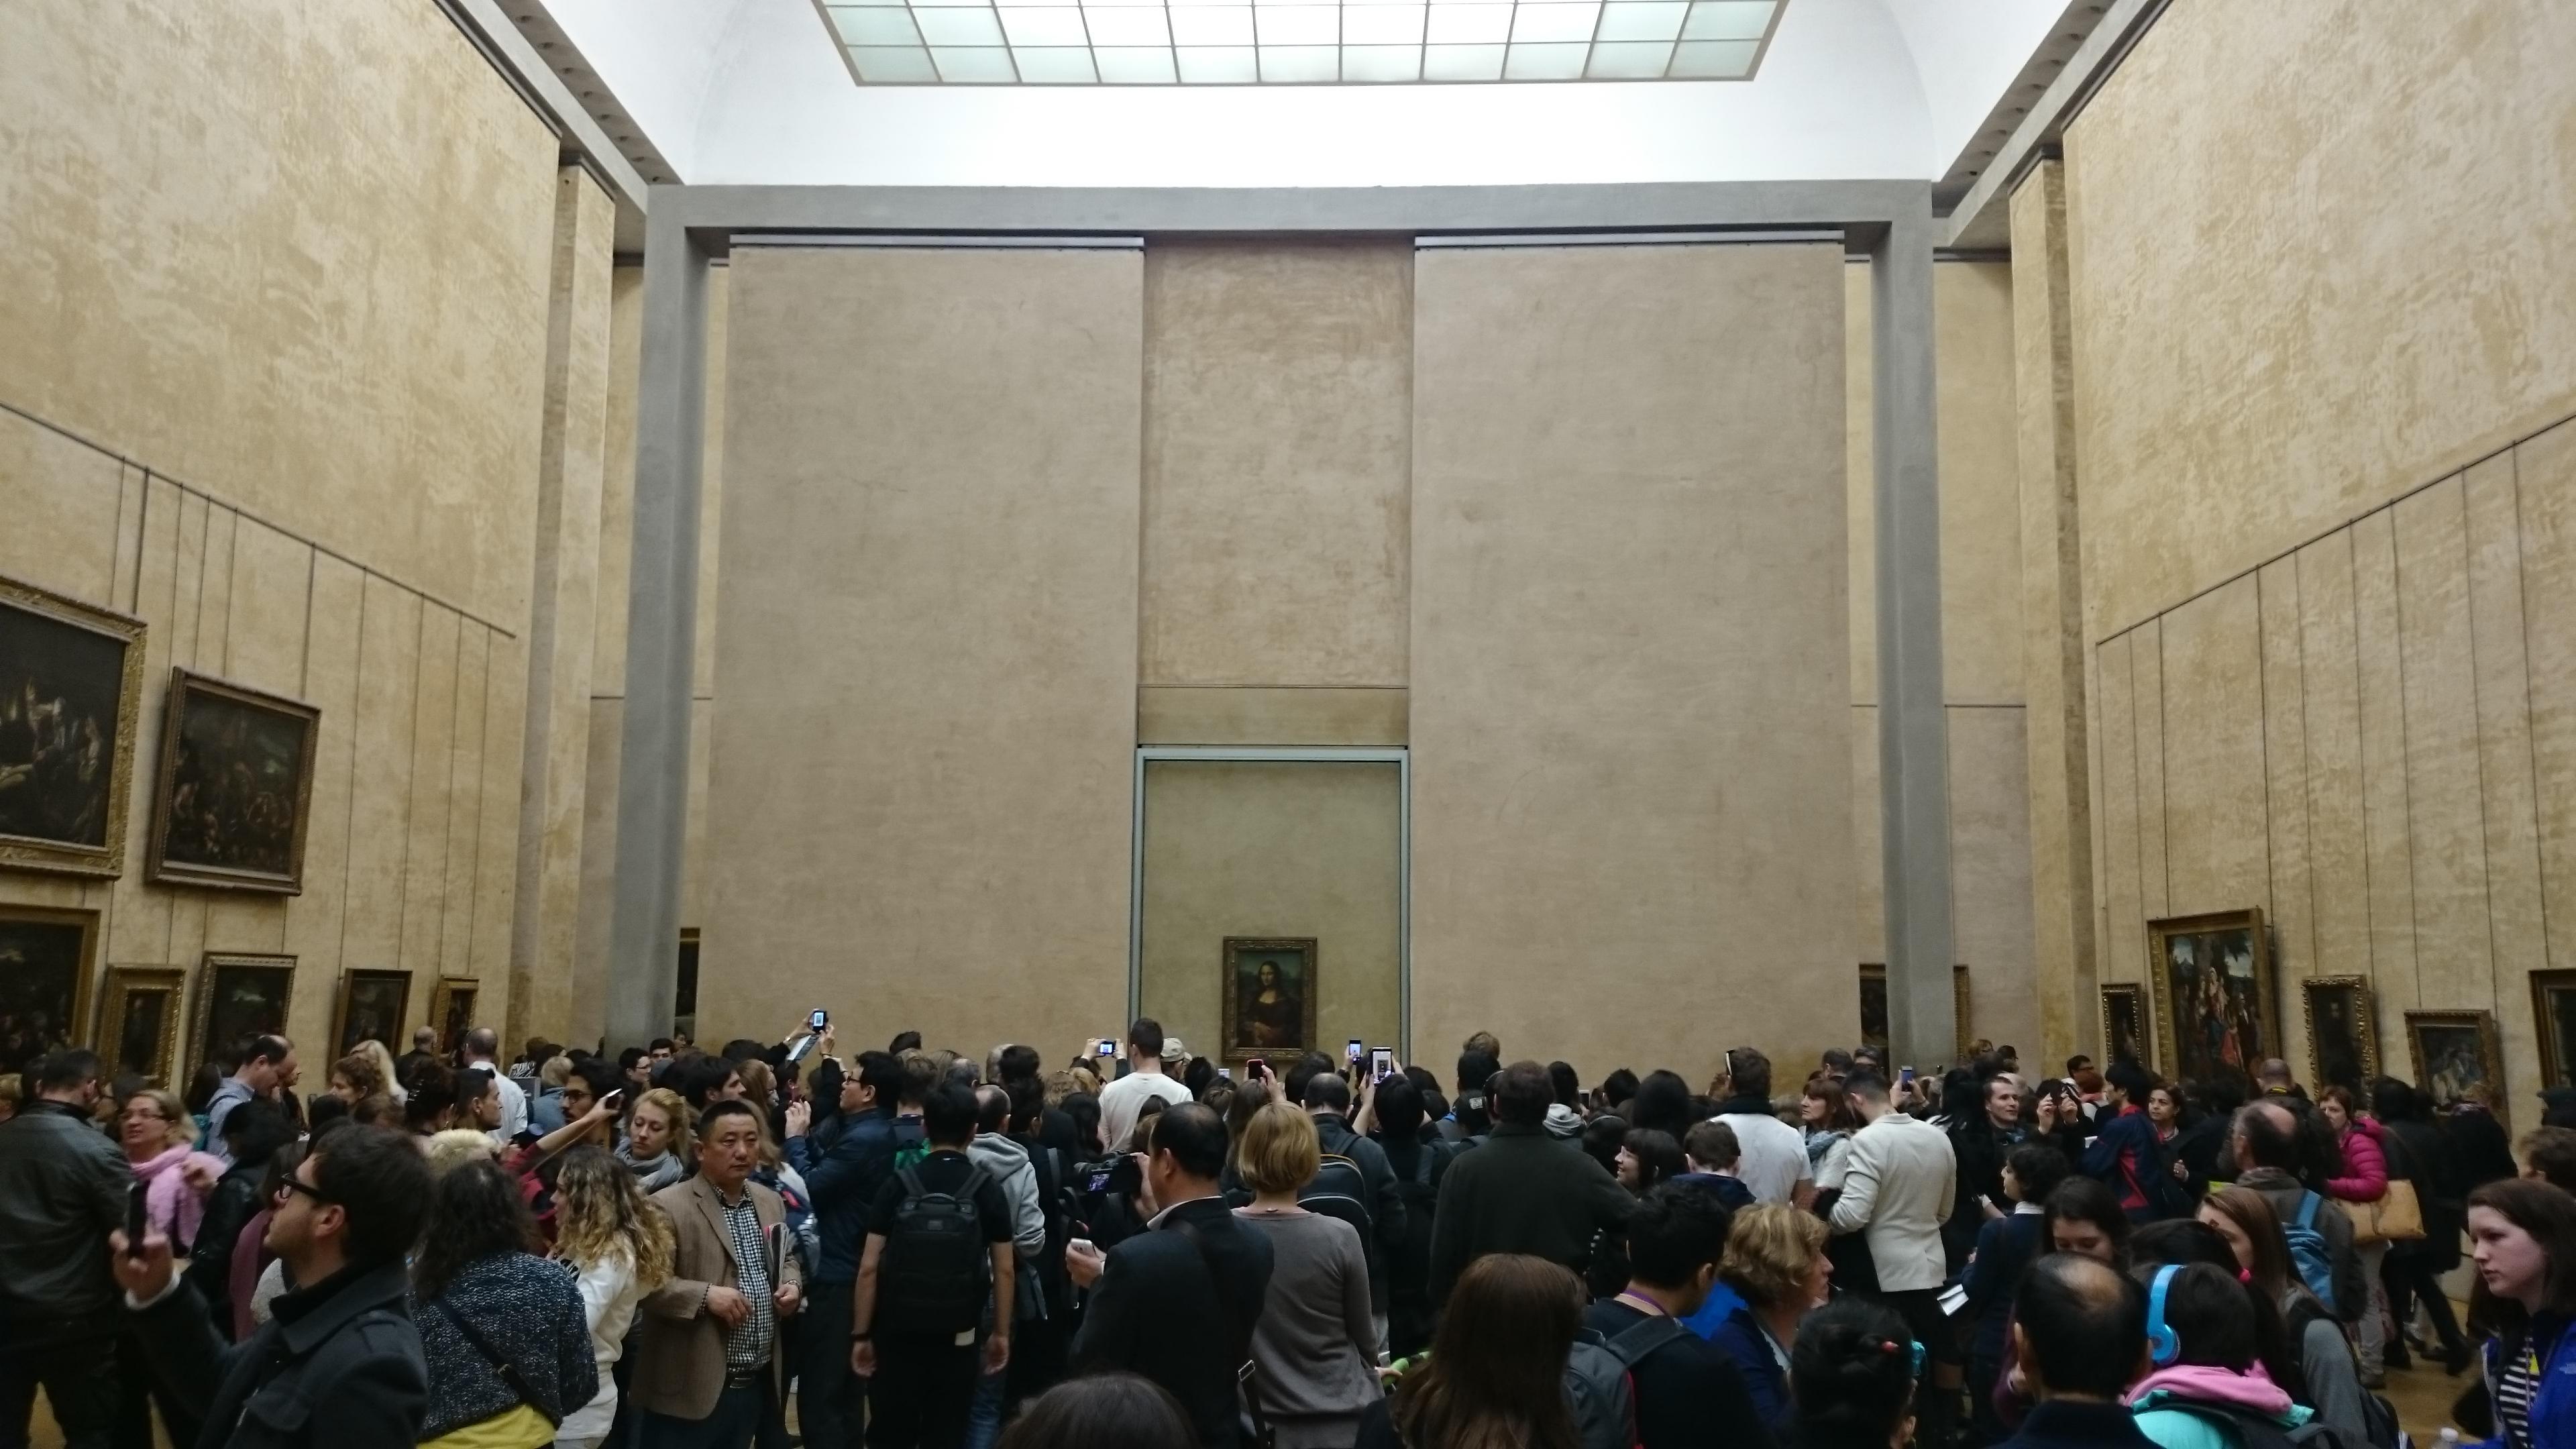 dsc 1483 - Consejos para visitar el Museo Louvre (y otros museos)